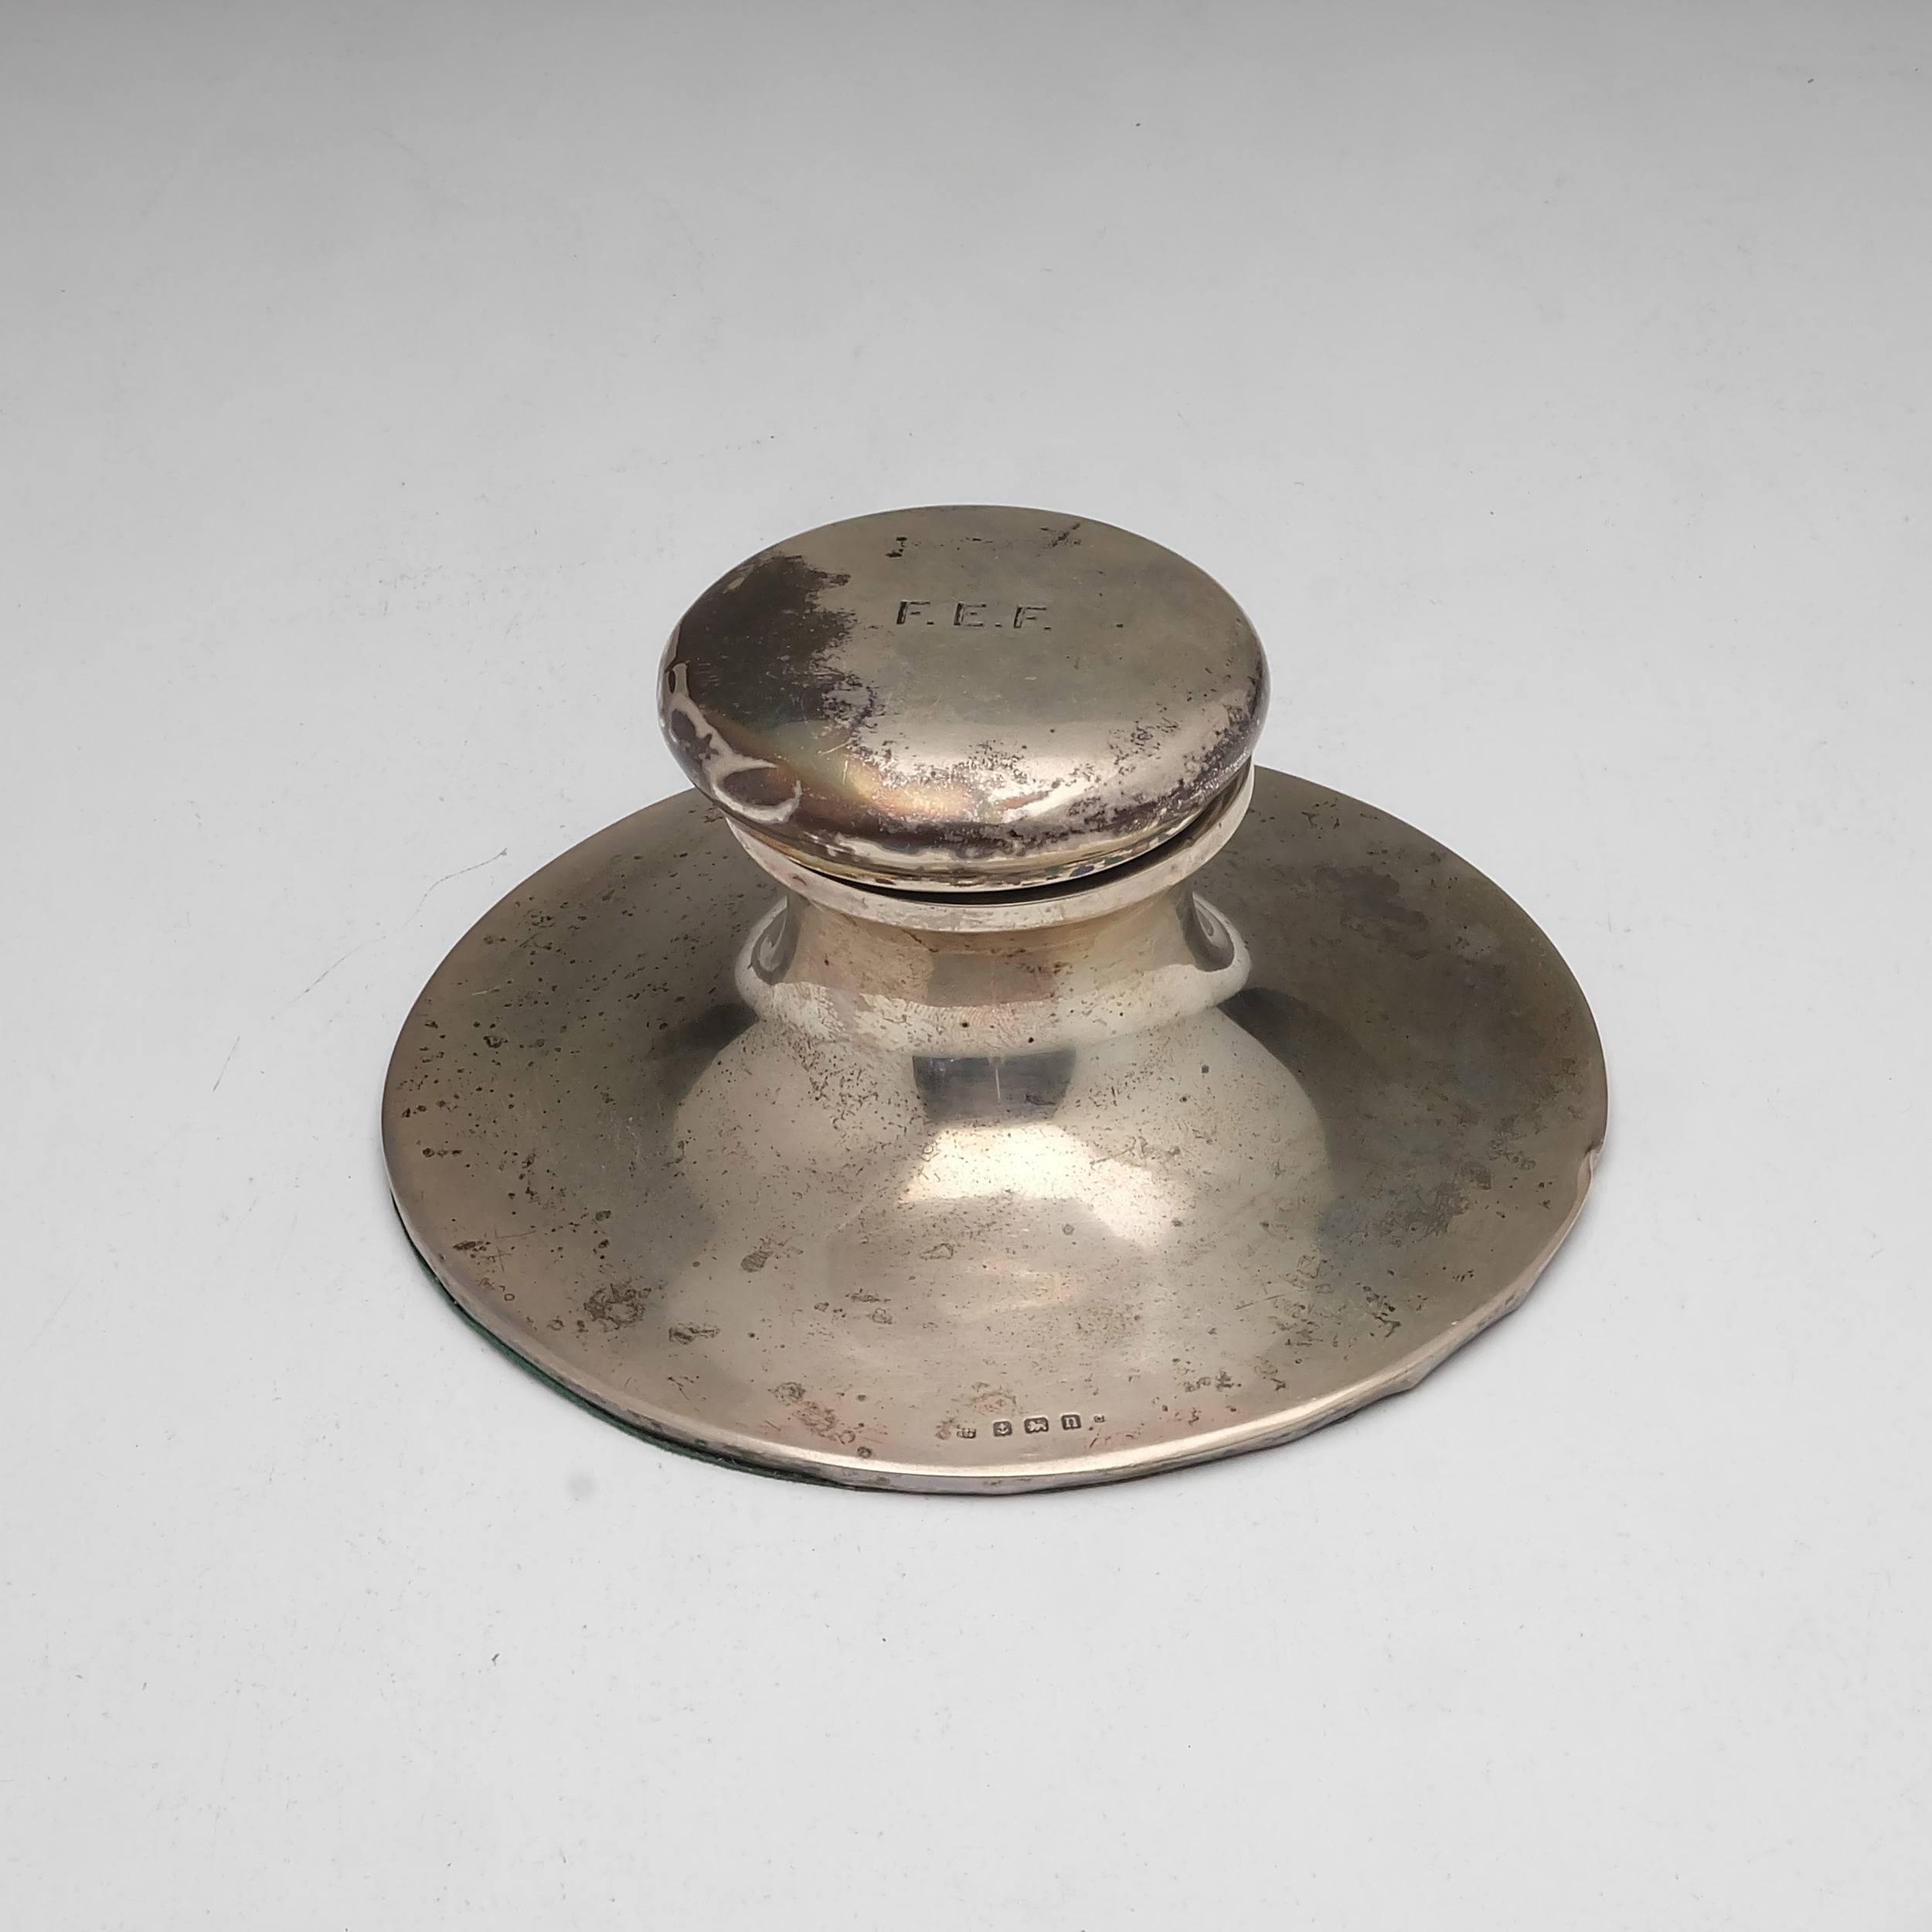 'Monogrammed Sterling Silver Inkwell Birmingham George Unite 1912'